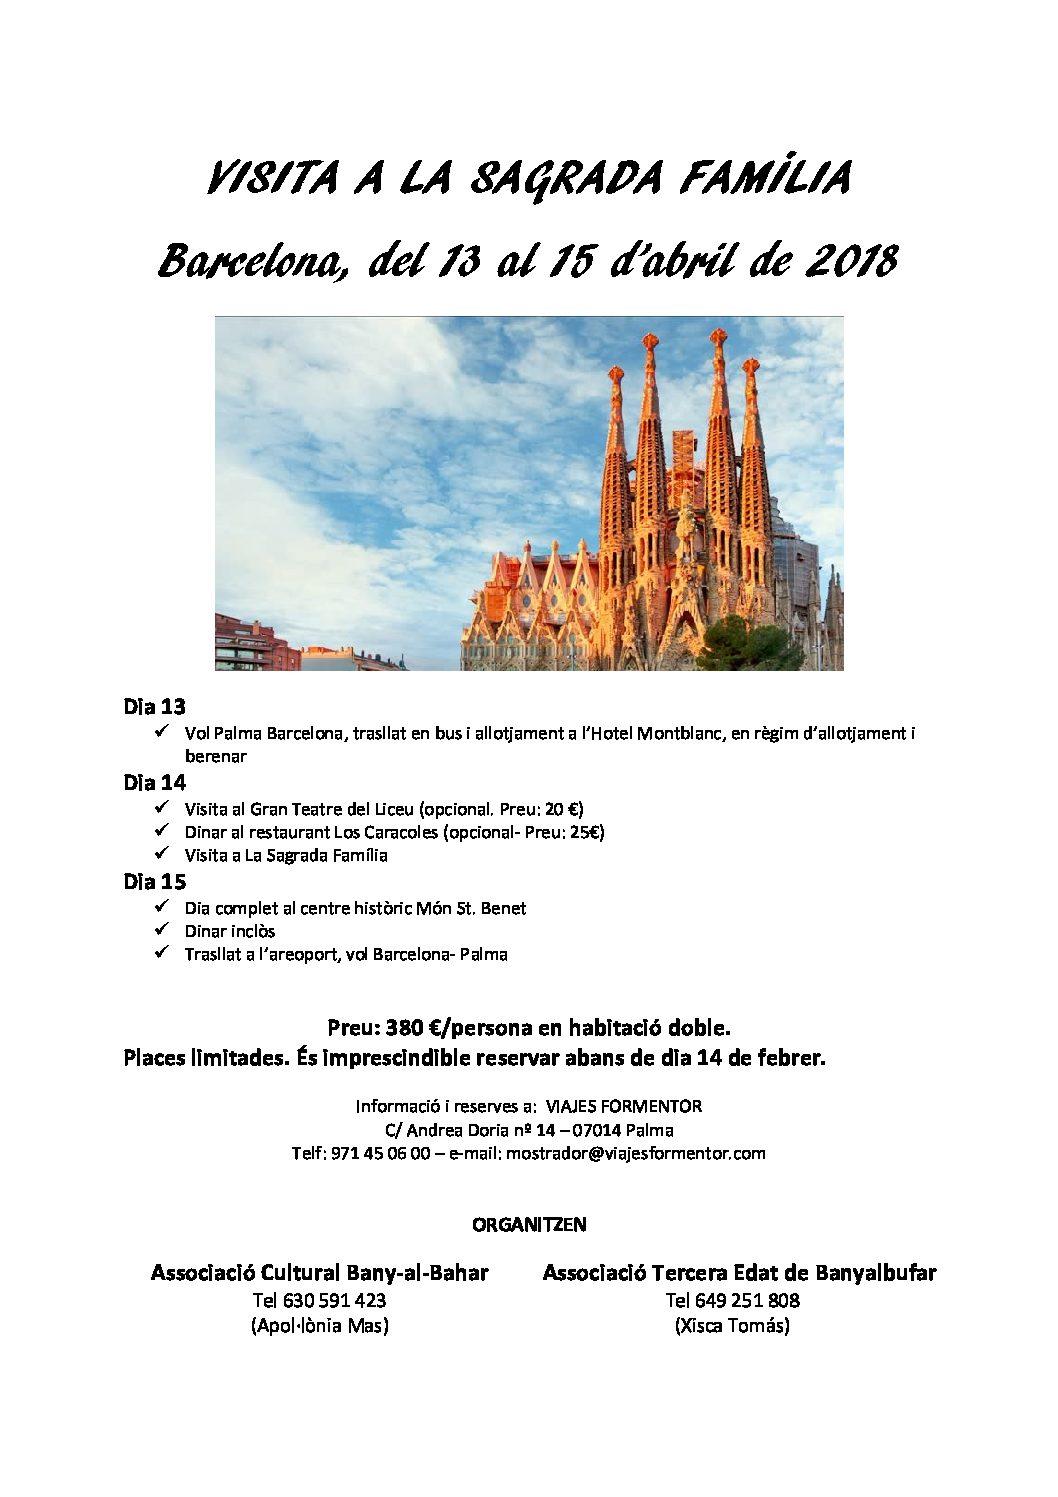 Barcelona 13,14i 15 d'abril de 2018